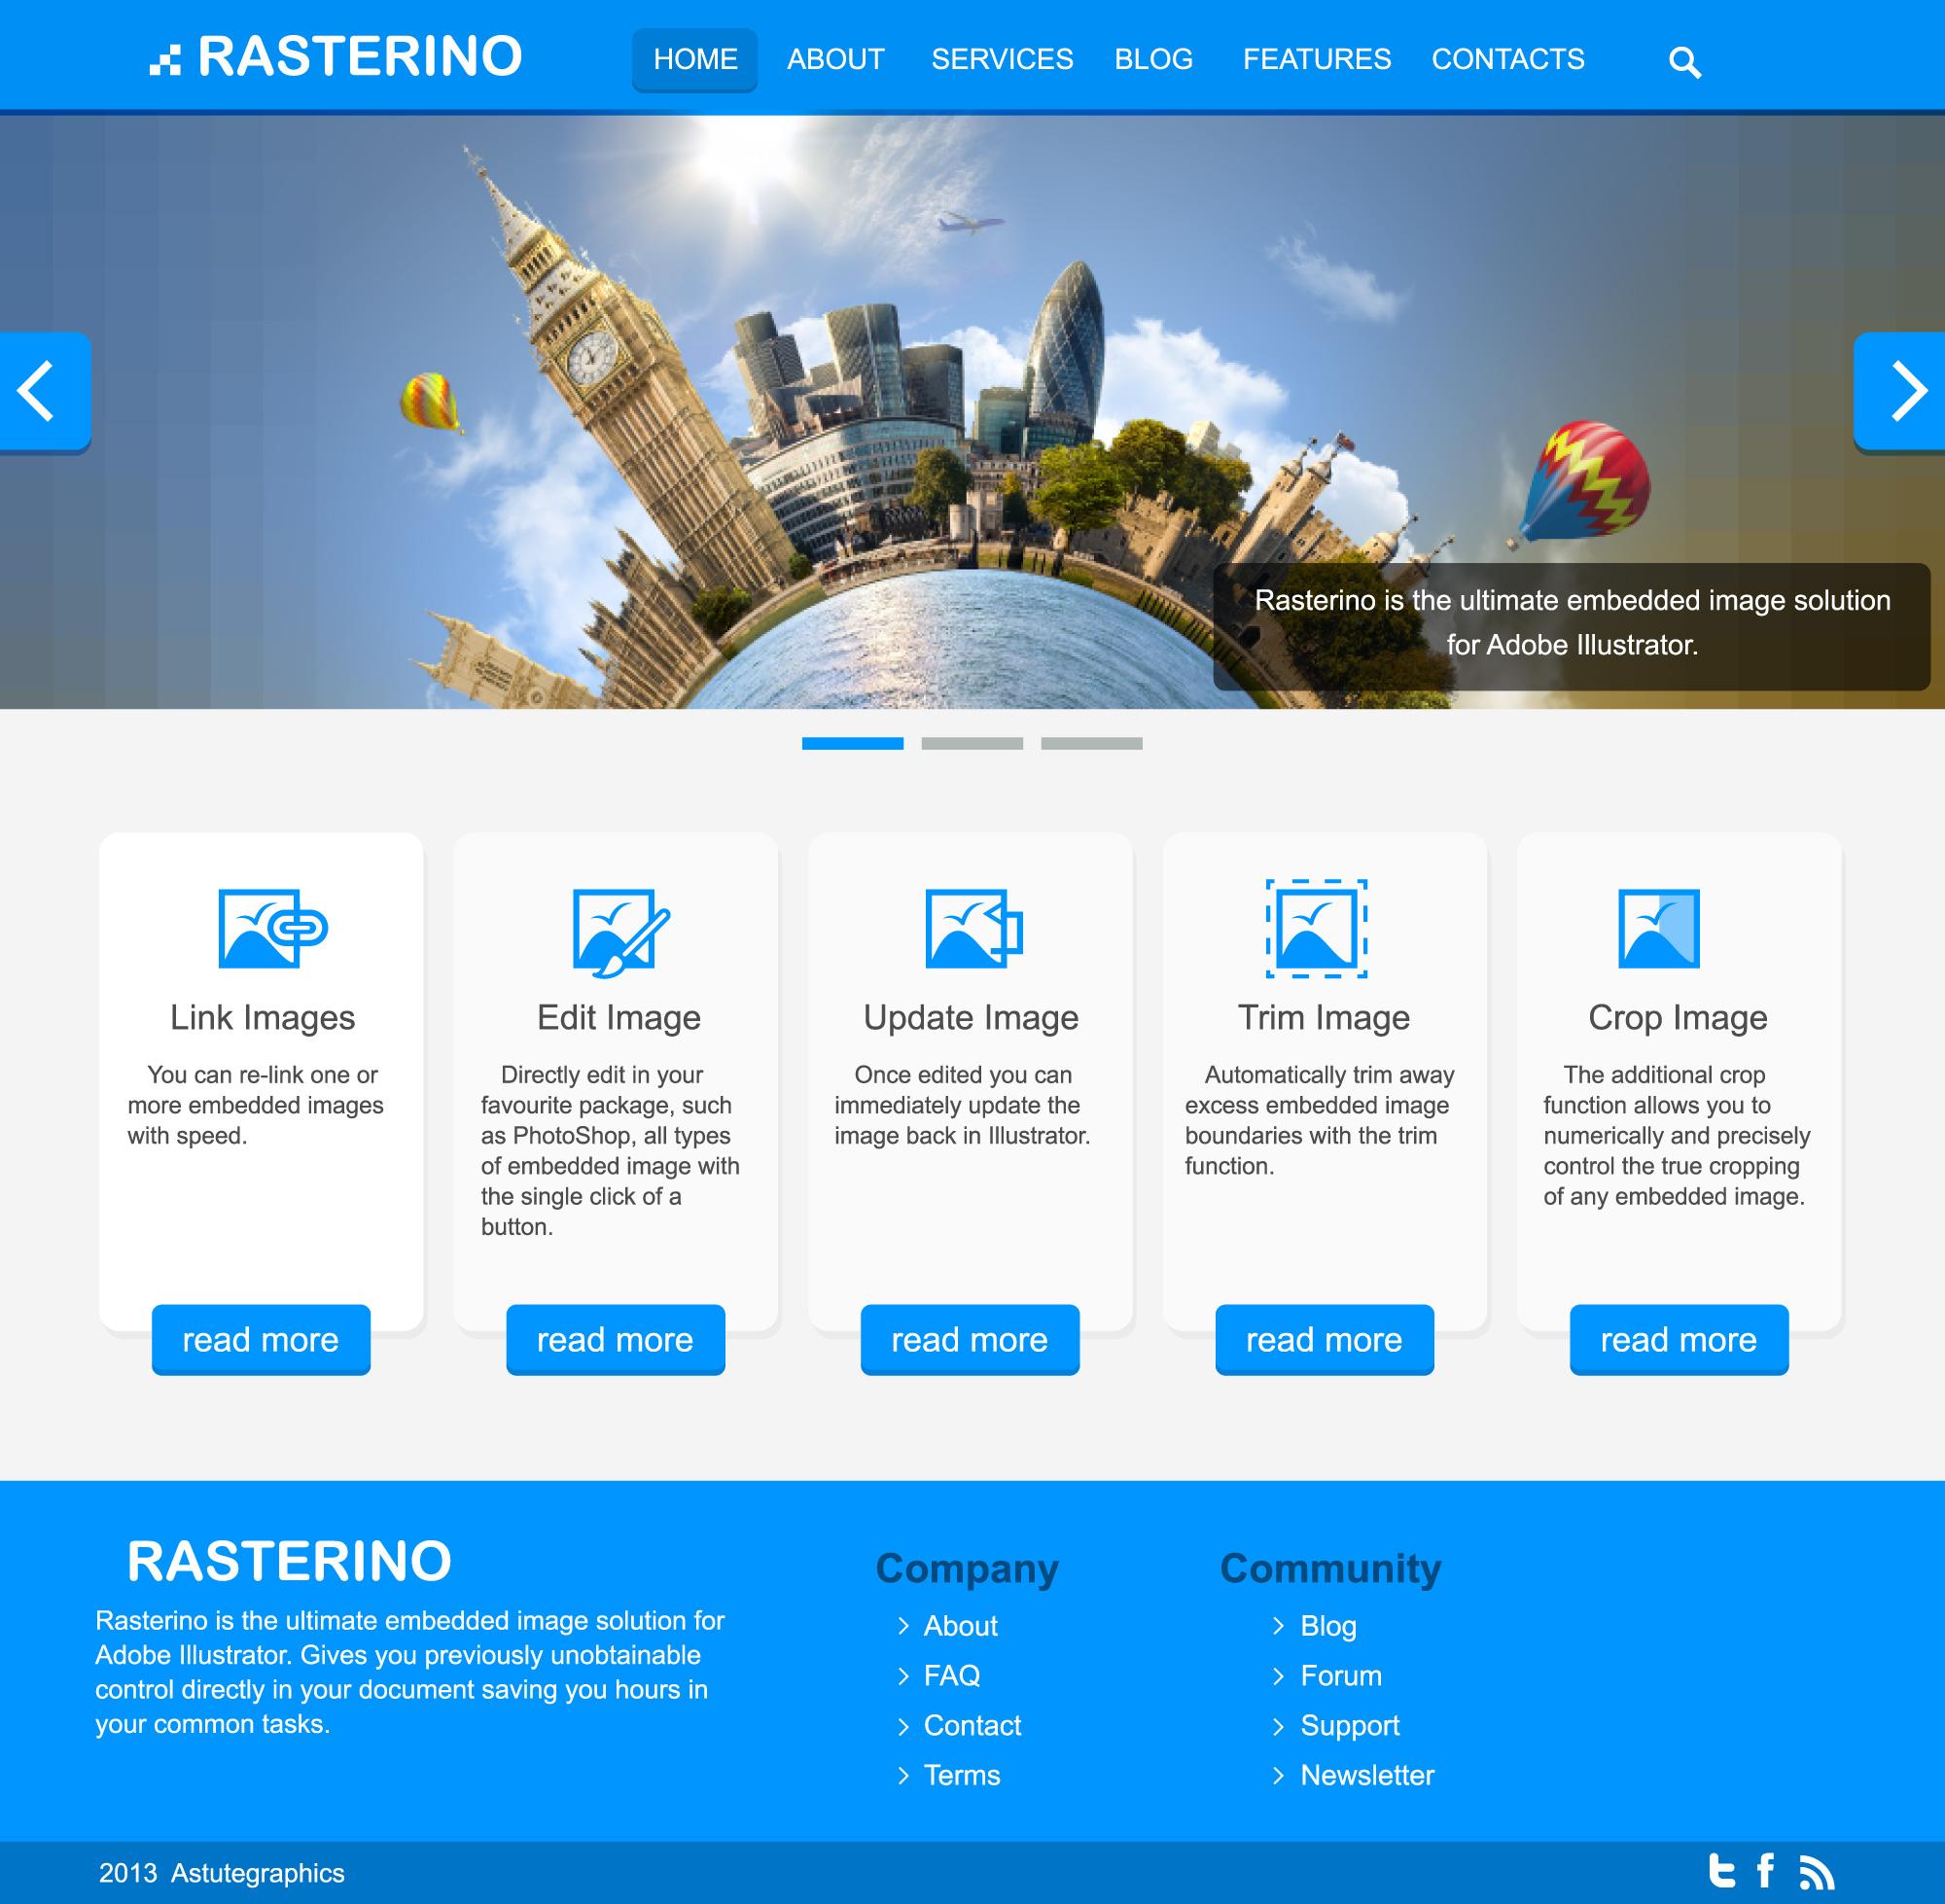 8 web page design images